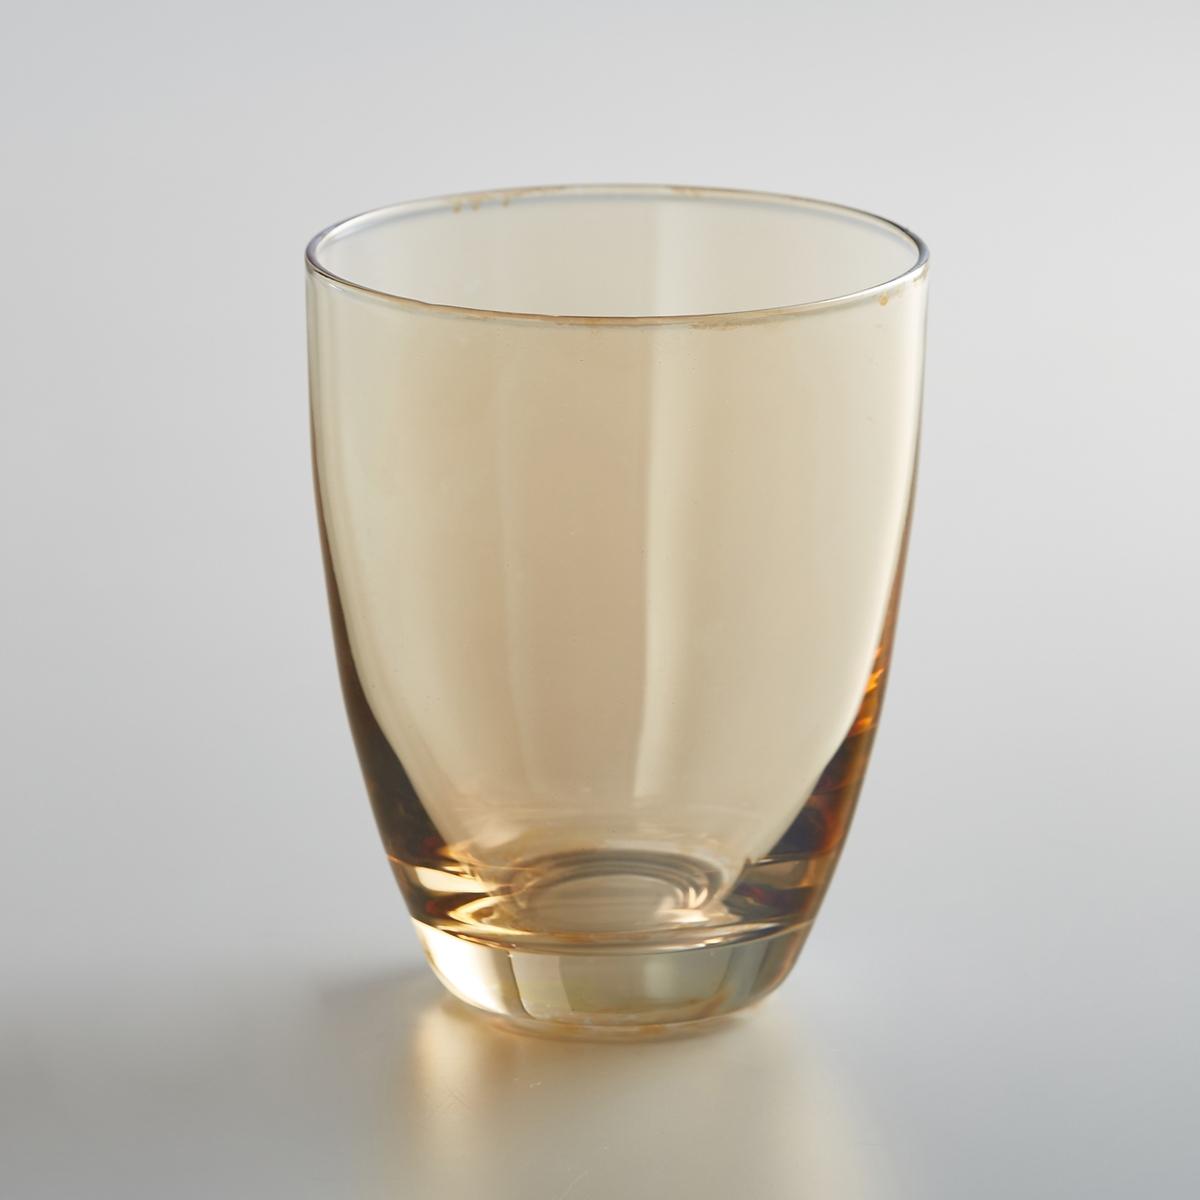 4 стакана из стекла, KoutineХарактеристики 4 стаканов из стекла Koutine   :- Стаканы из стекла, выдуваемого с помощью рта  - Диаметр : 8,4 см.- Высота : 10 см - Подходят для мытья в посудомоечной машине- В комплекте 4 стакана Найдите всю коллекцию Koutine на нашем сайте .<br><br>Цвет: дымчато-серый,янтарь